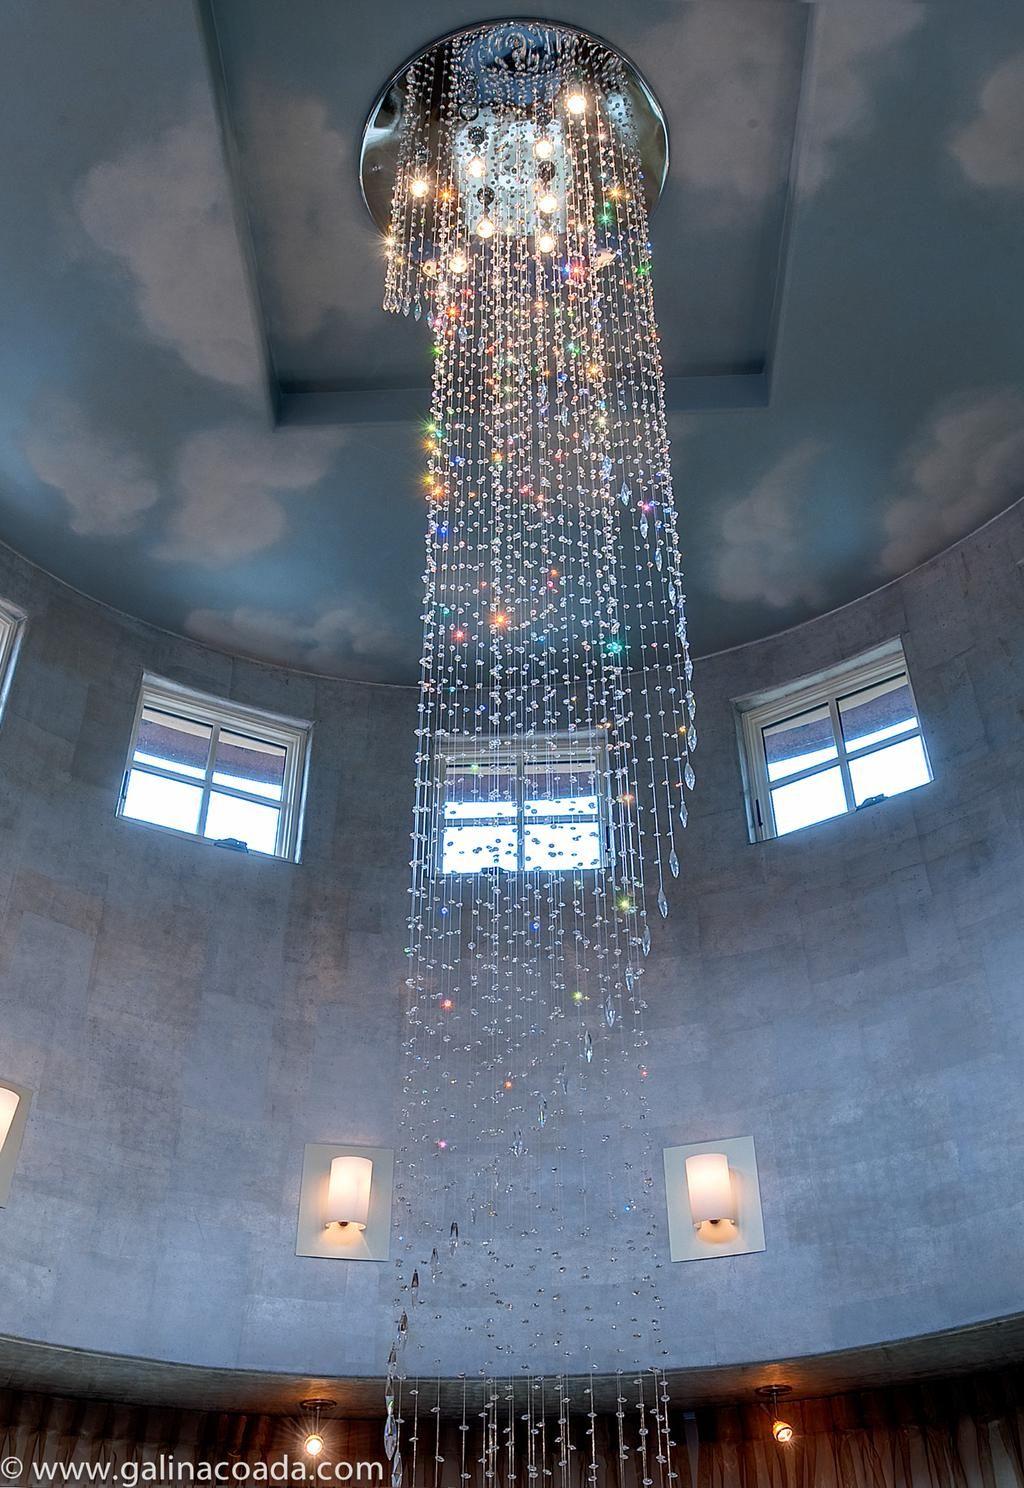 20 ft custom chandelier